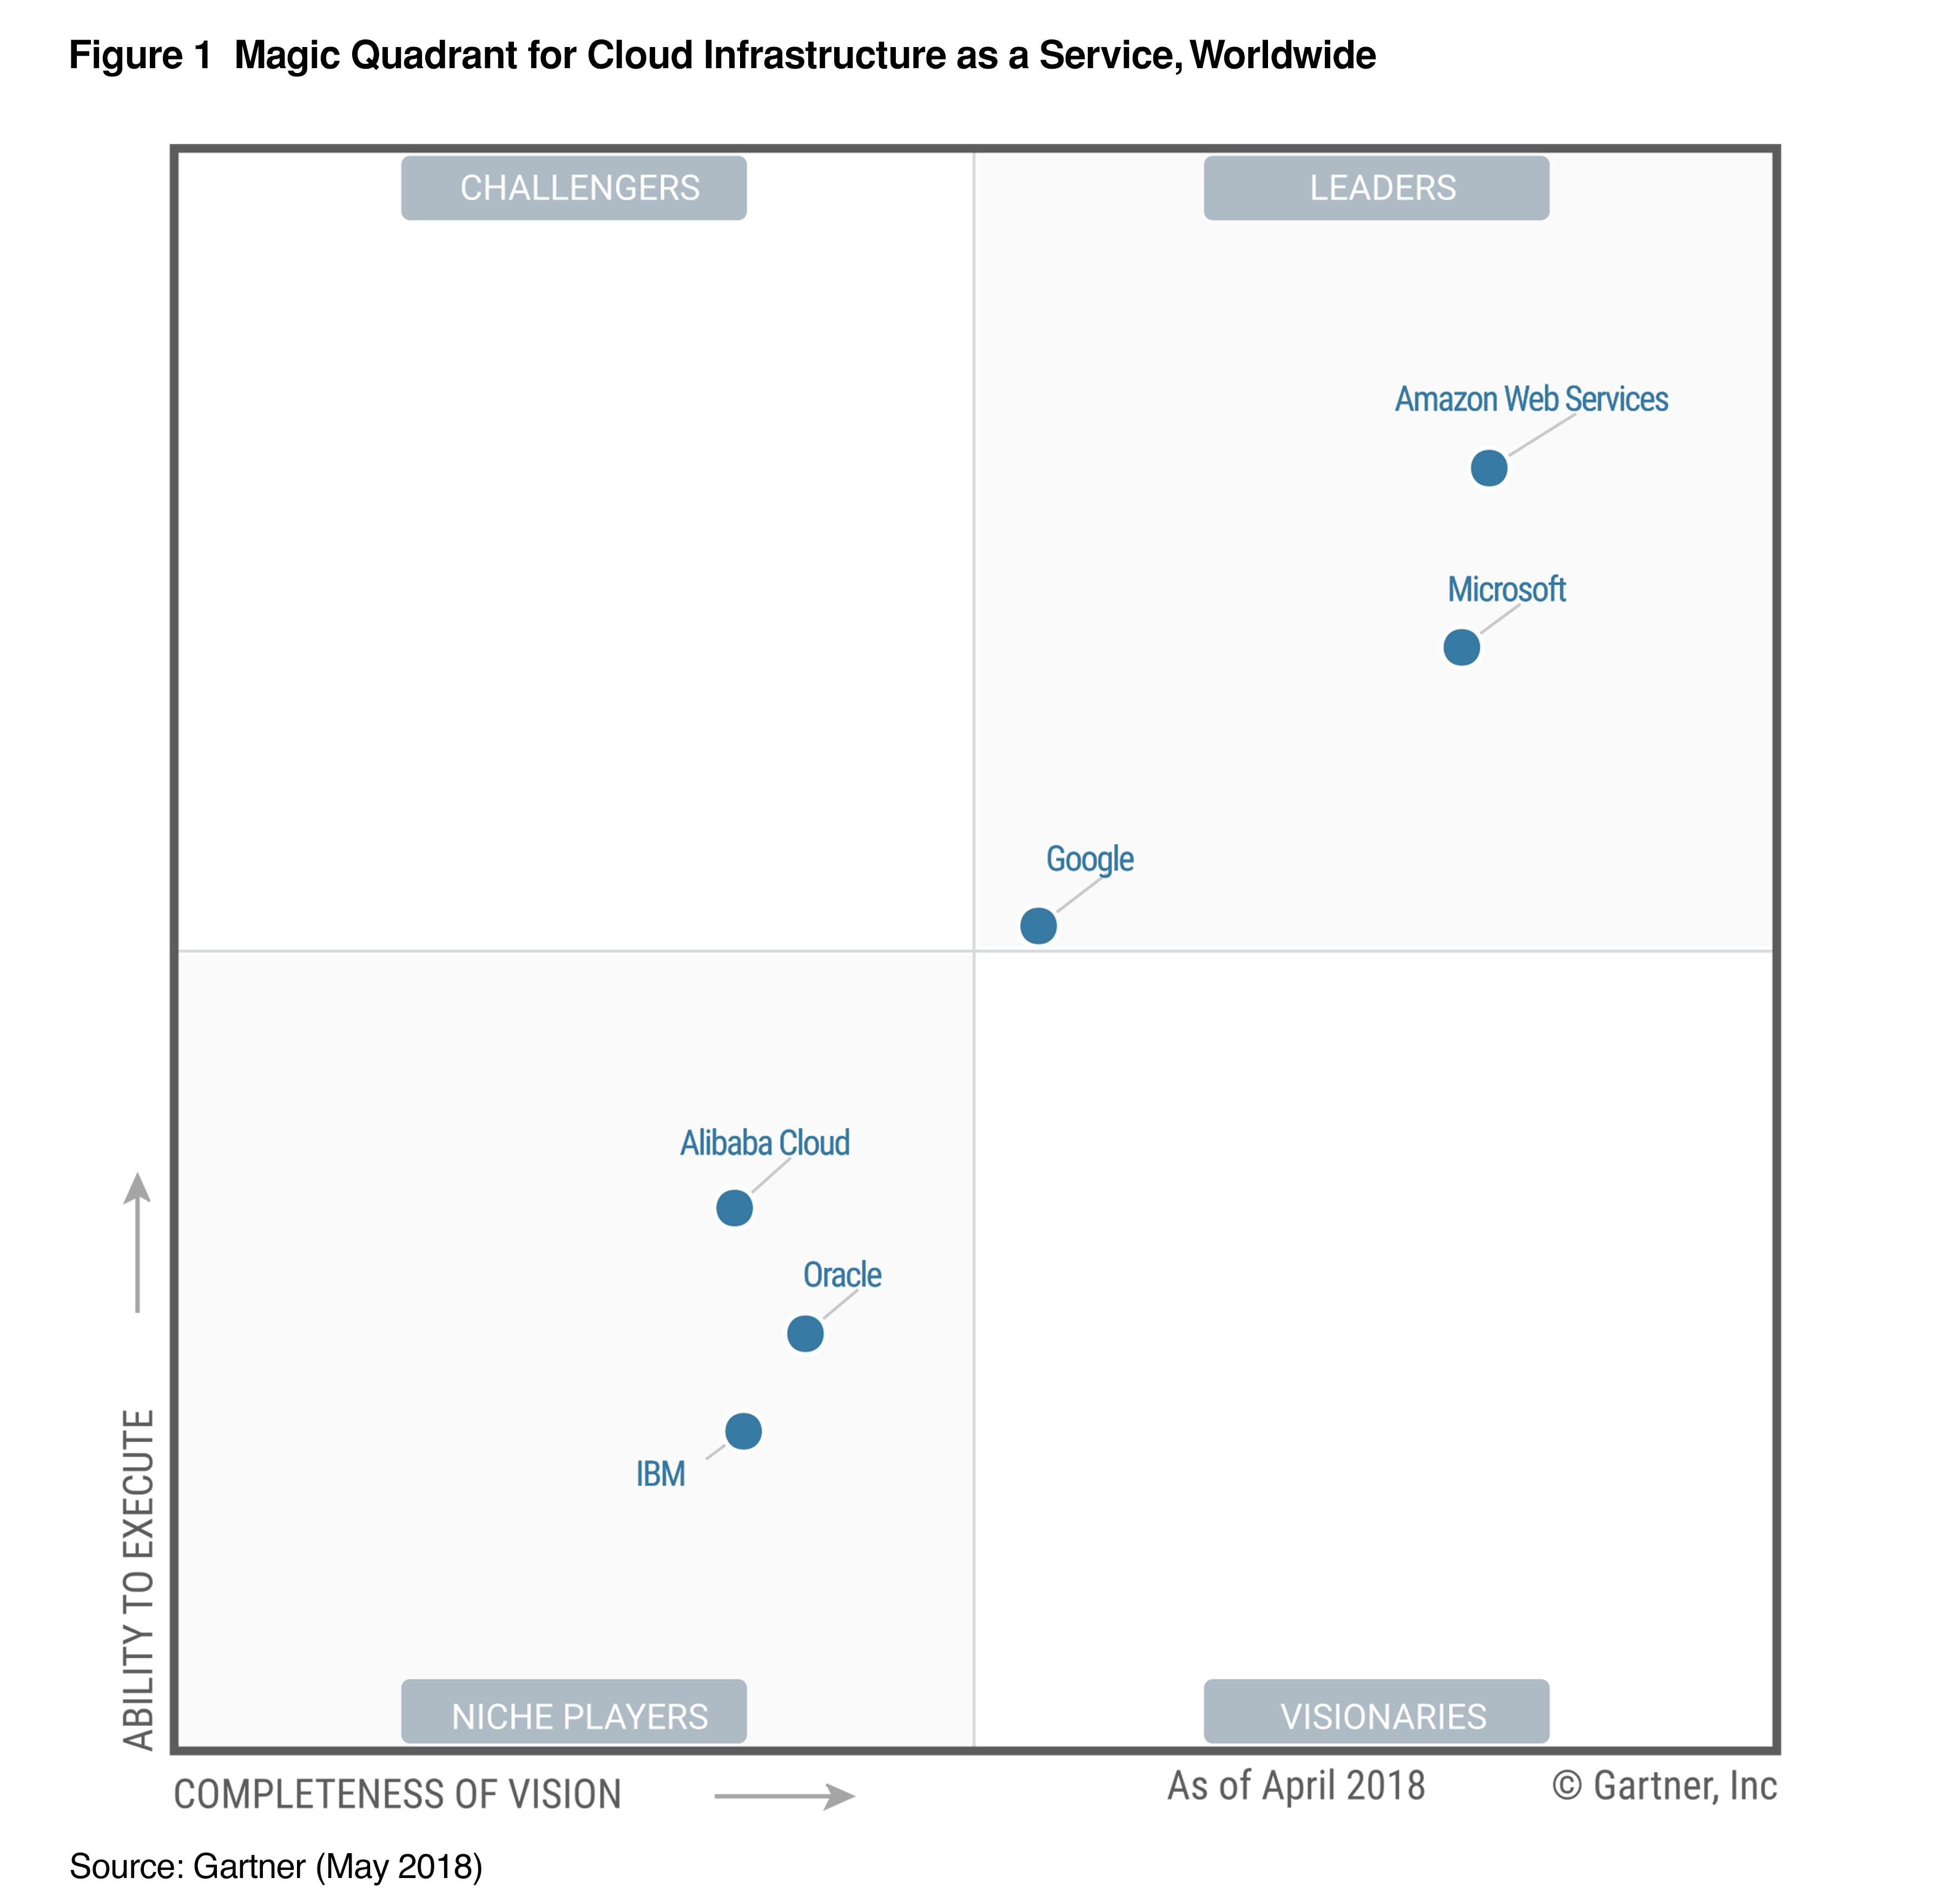 AWS | Enterprise Cloud Storage & Data Management